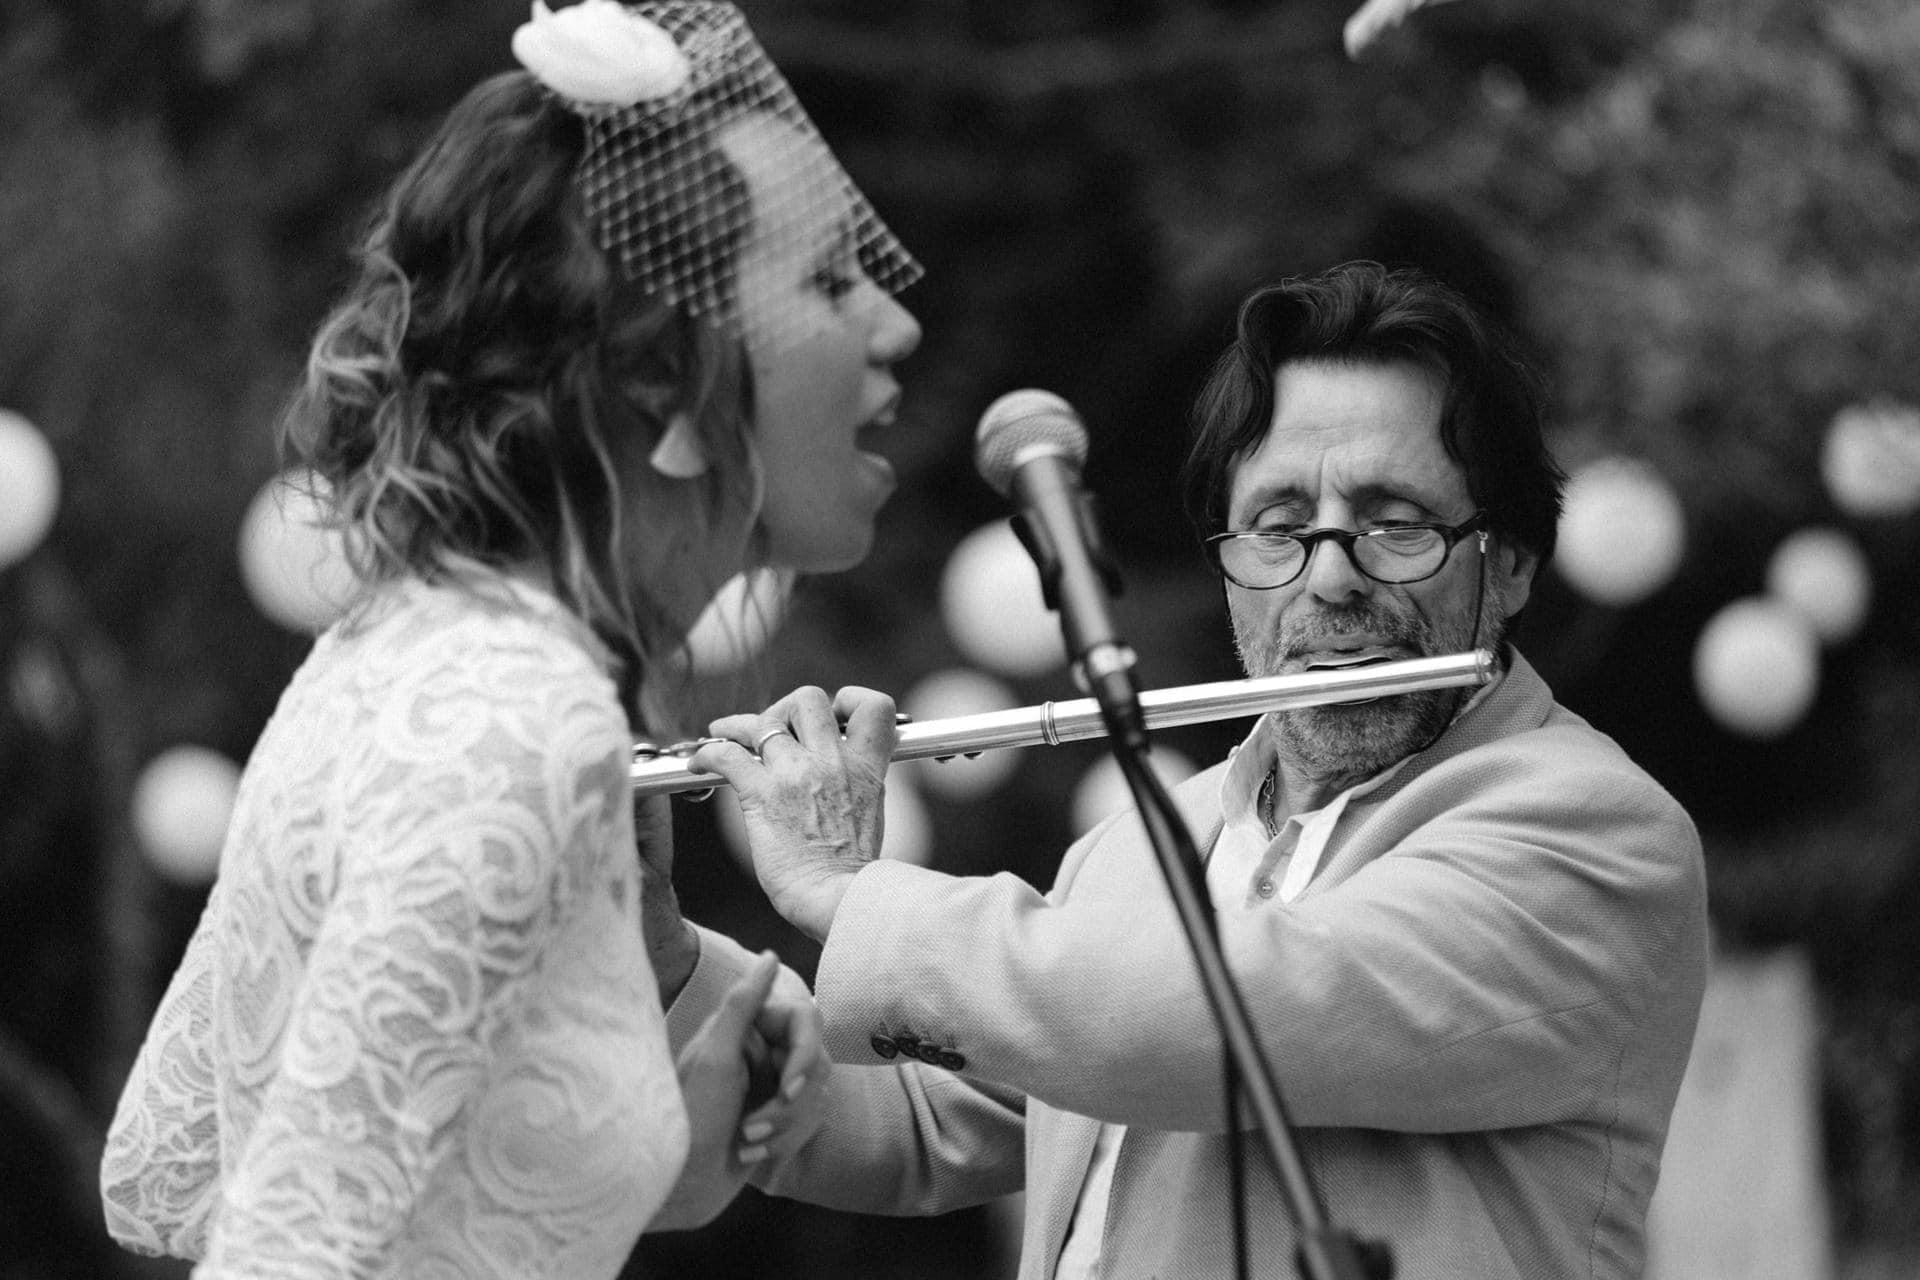 du père fille en musique Ernestine et sa famille photographe de mariage à l'approche reportage